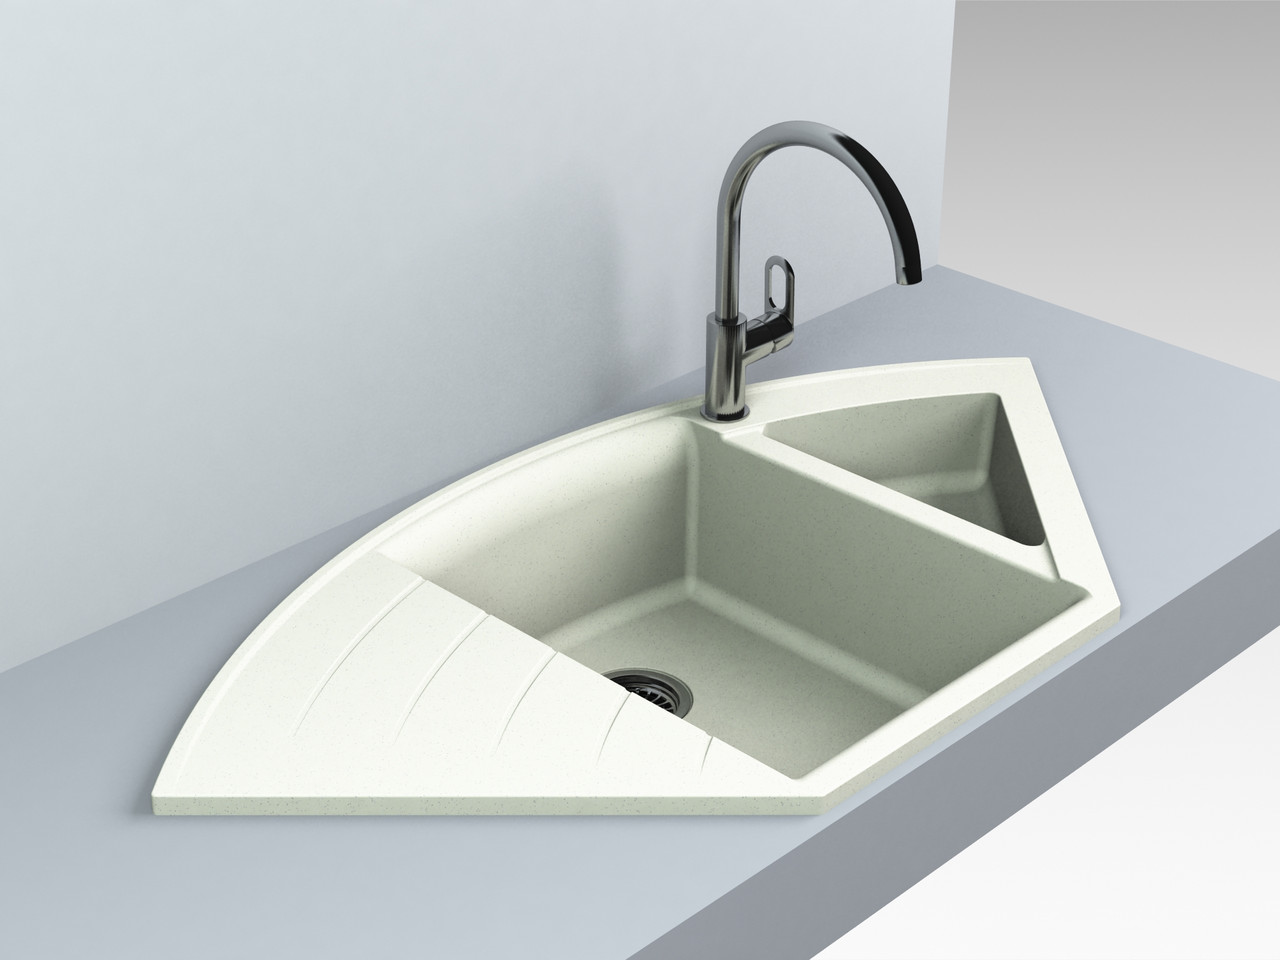 Кухонная мойка угловая искусственный камень 1100*575*215 мм Miraggio Europe жасмин